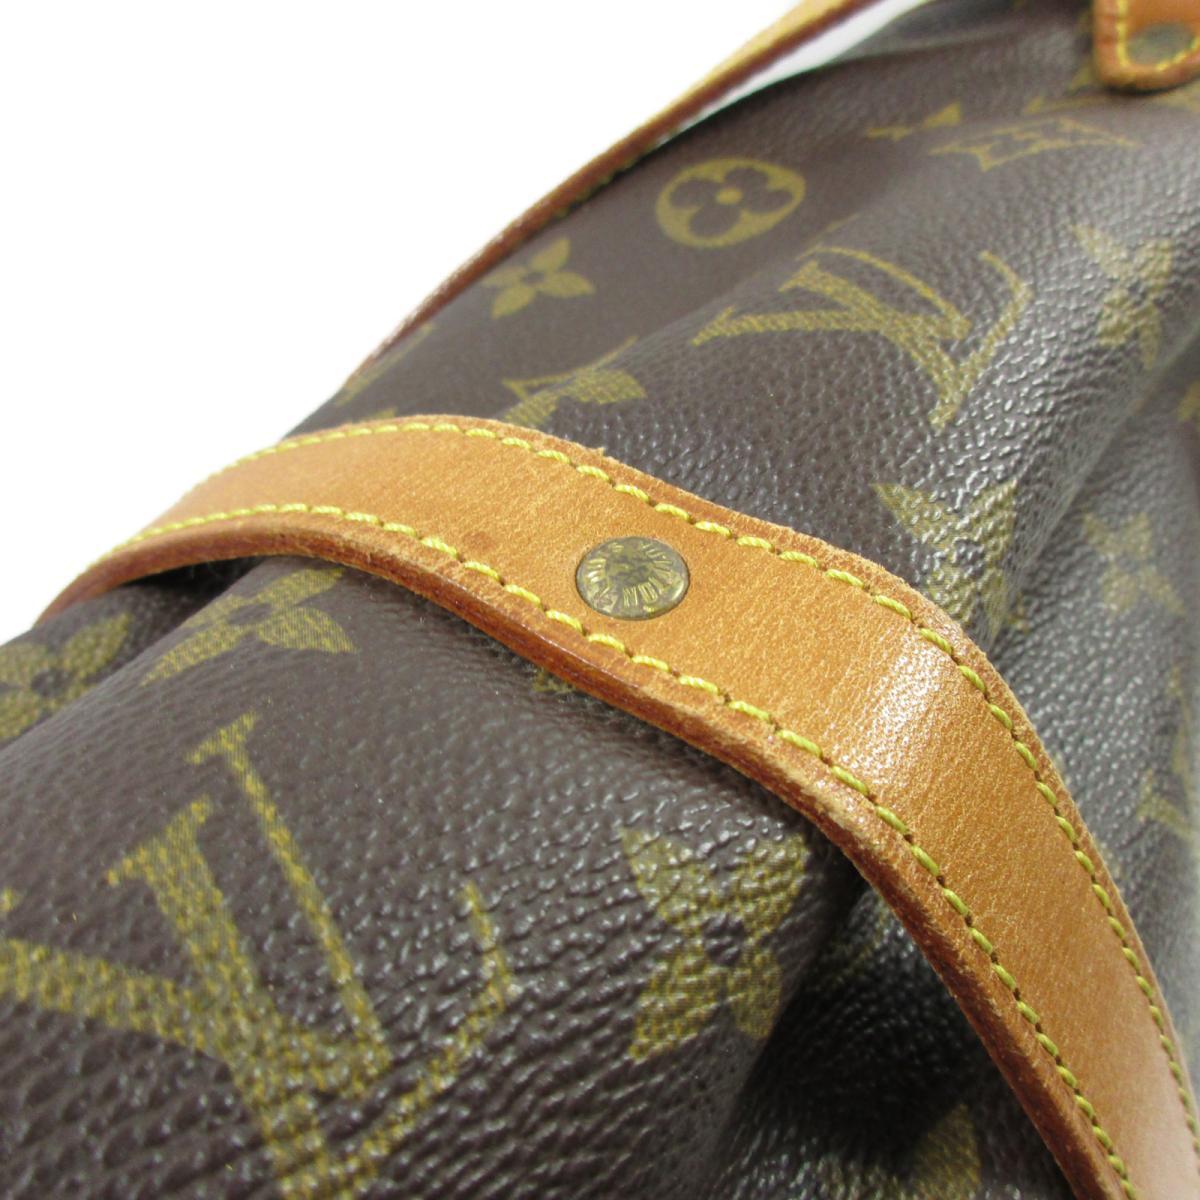 ルイヴィトン ソミュール30 ショルダーバッグ メンズ レディース モノグラムM42256LOUIS VUITTON BRANDOFF ブランドオフ ヴィトン ルイ・ヴィトン ブランド ブランドバッグ バッグ バックSUqzMVp